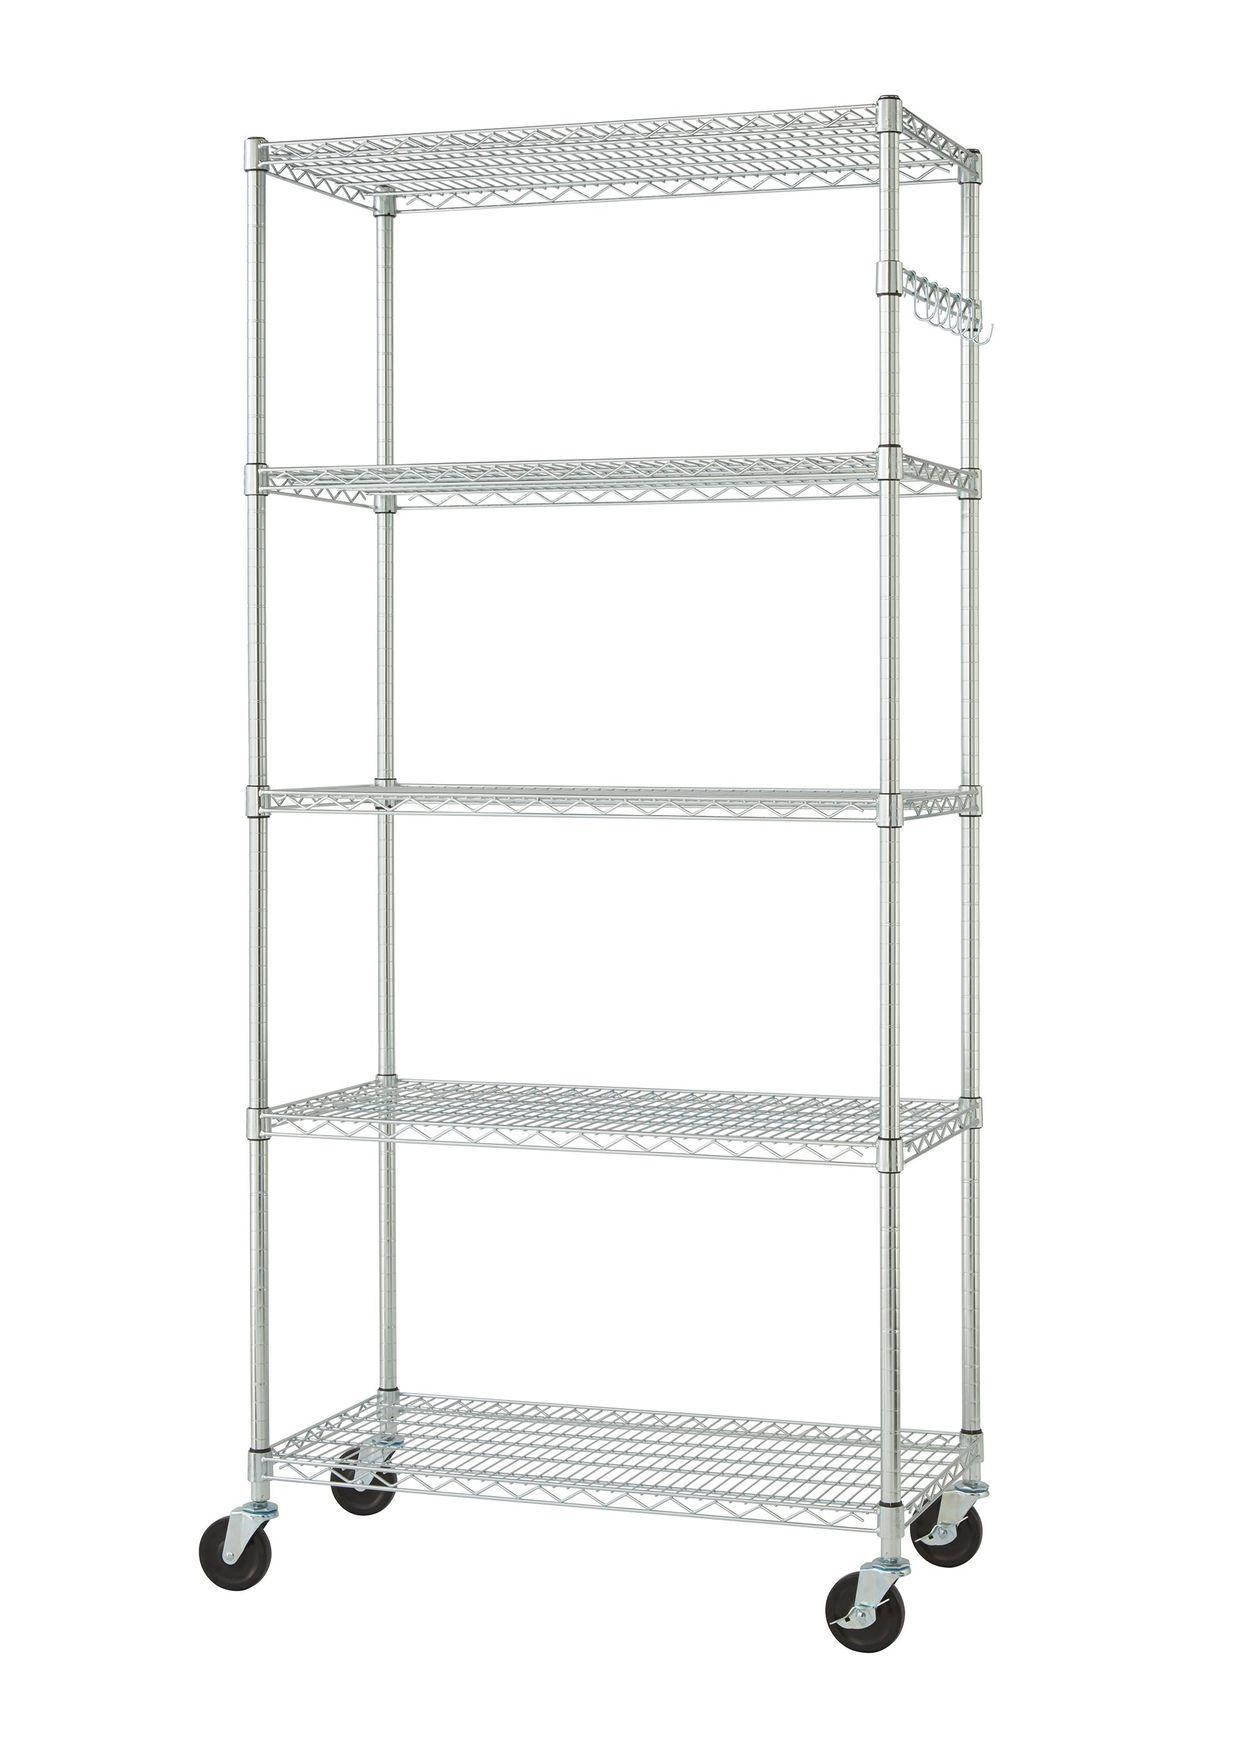 TRINITY TBFZ-0906 Wire shelving rack